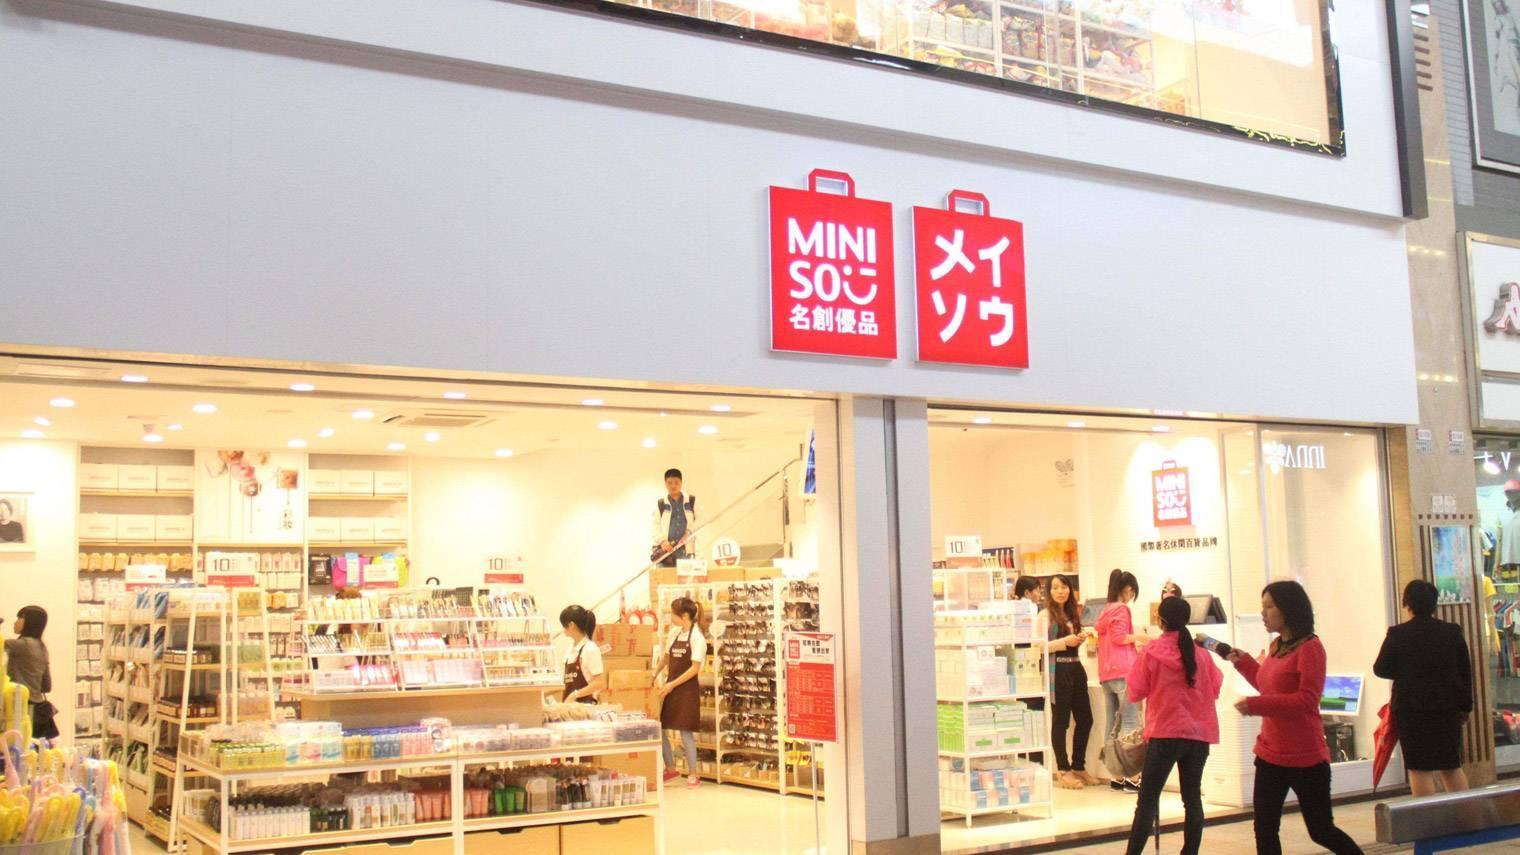 名创优品看上了这门新生意,明年要开300家店